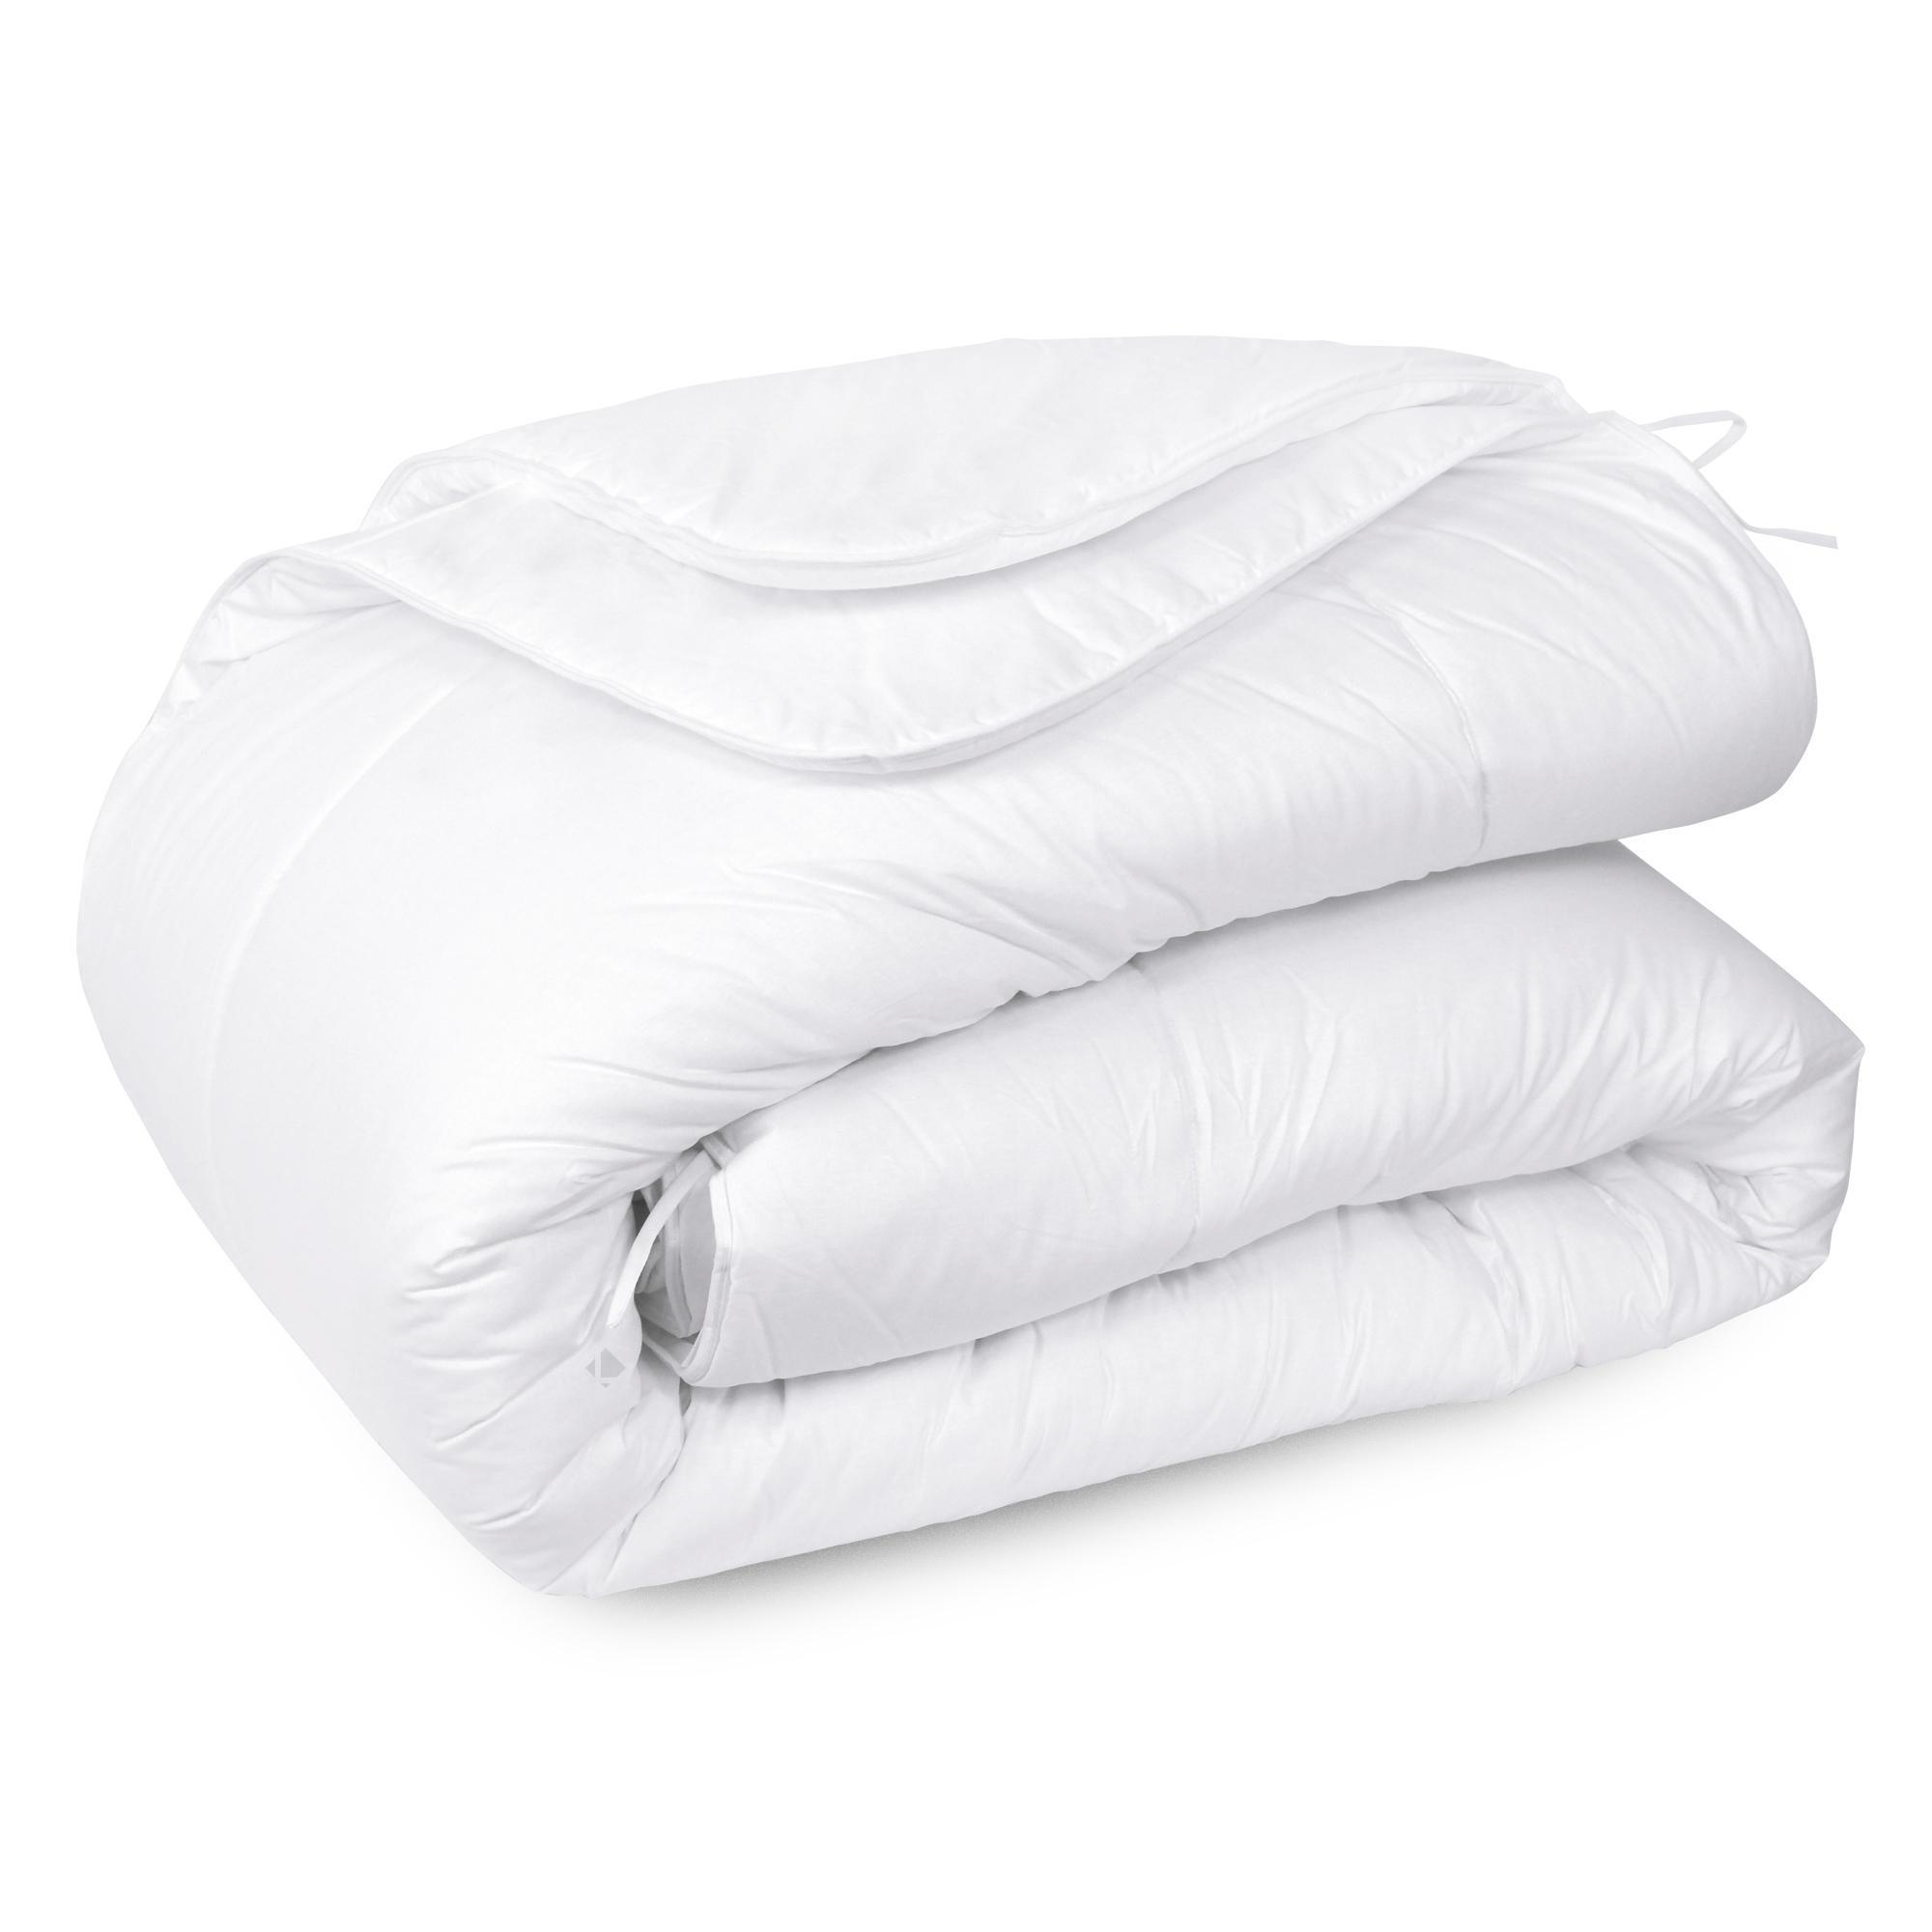 couette 280x240 cm elsa 4 saisons 200 g m2 300 g m2 500 g m2 fibre creuse polyester. Black Bedroom Furniture Sets. Home Design Ideas